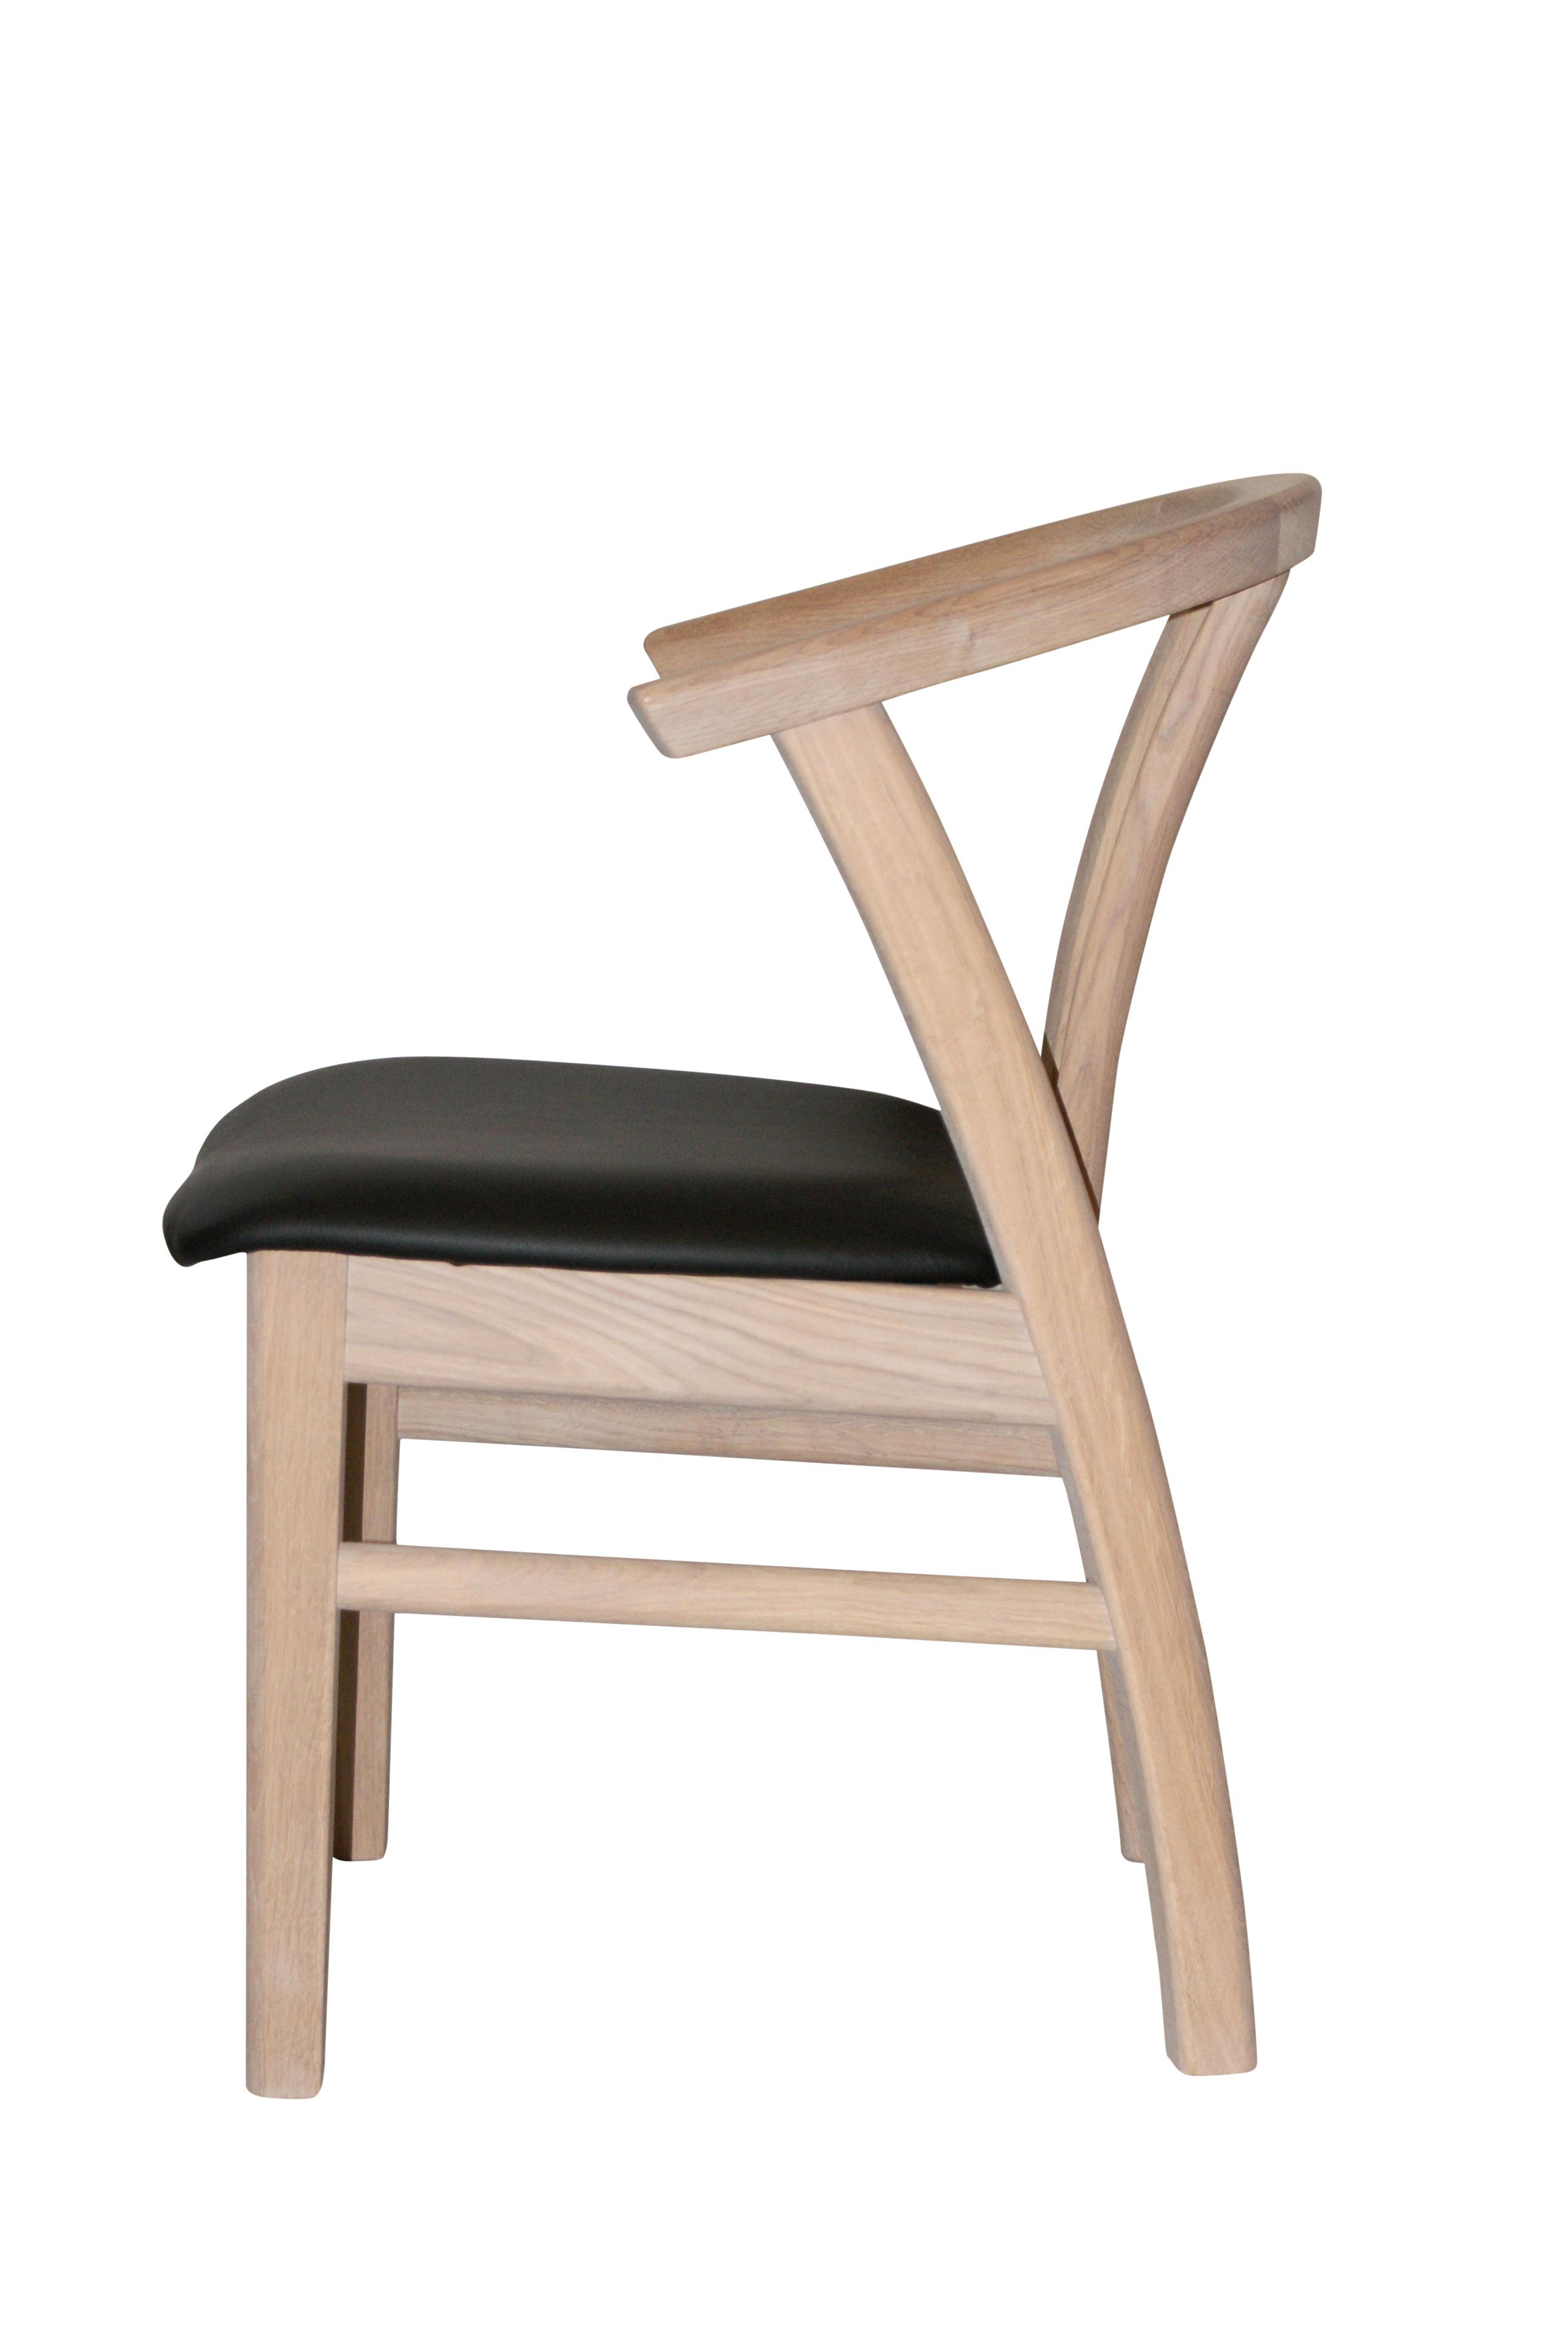 Trine armstol i massiv eg - meget robust og eksklusivt design